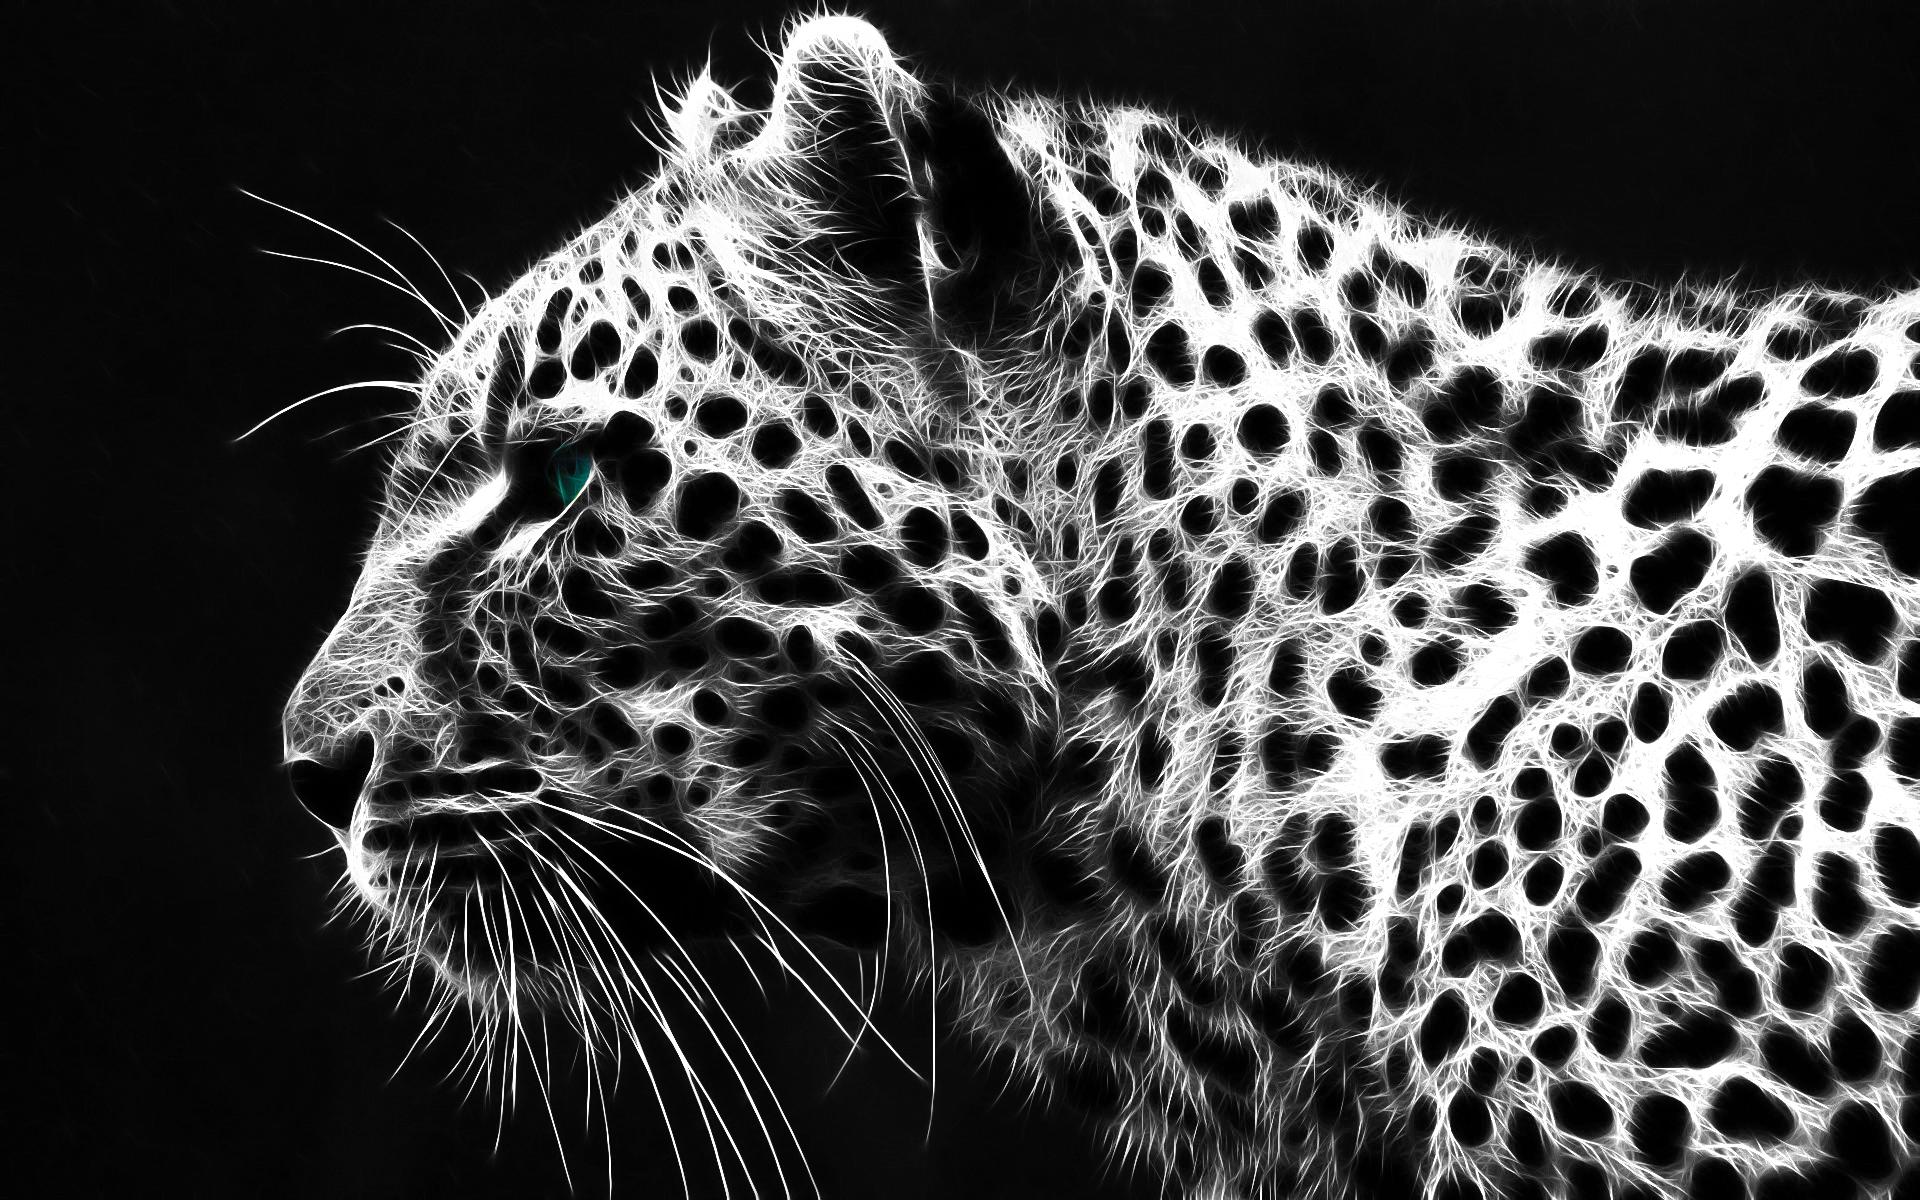 BW Leopard Wallpaper